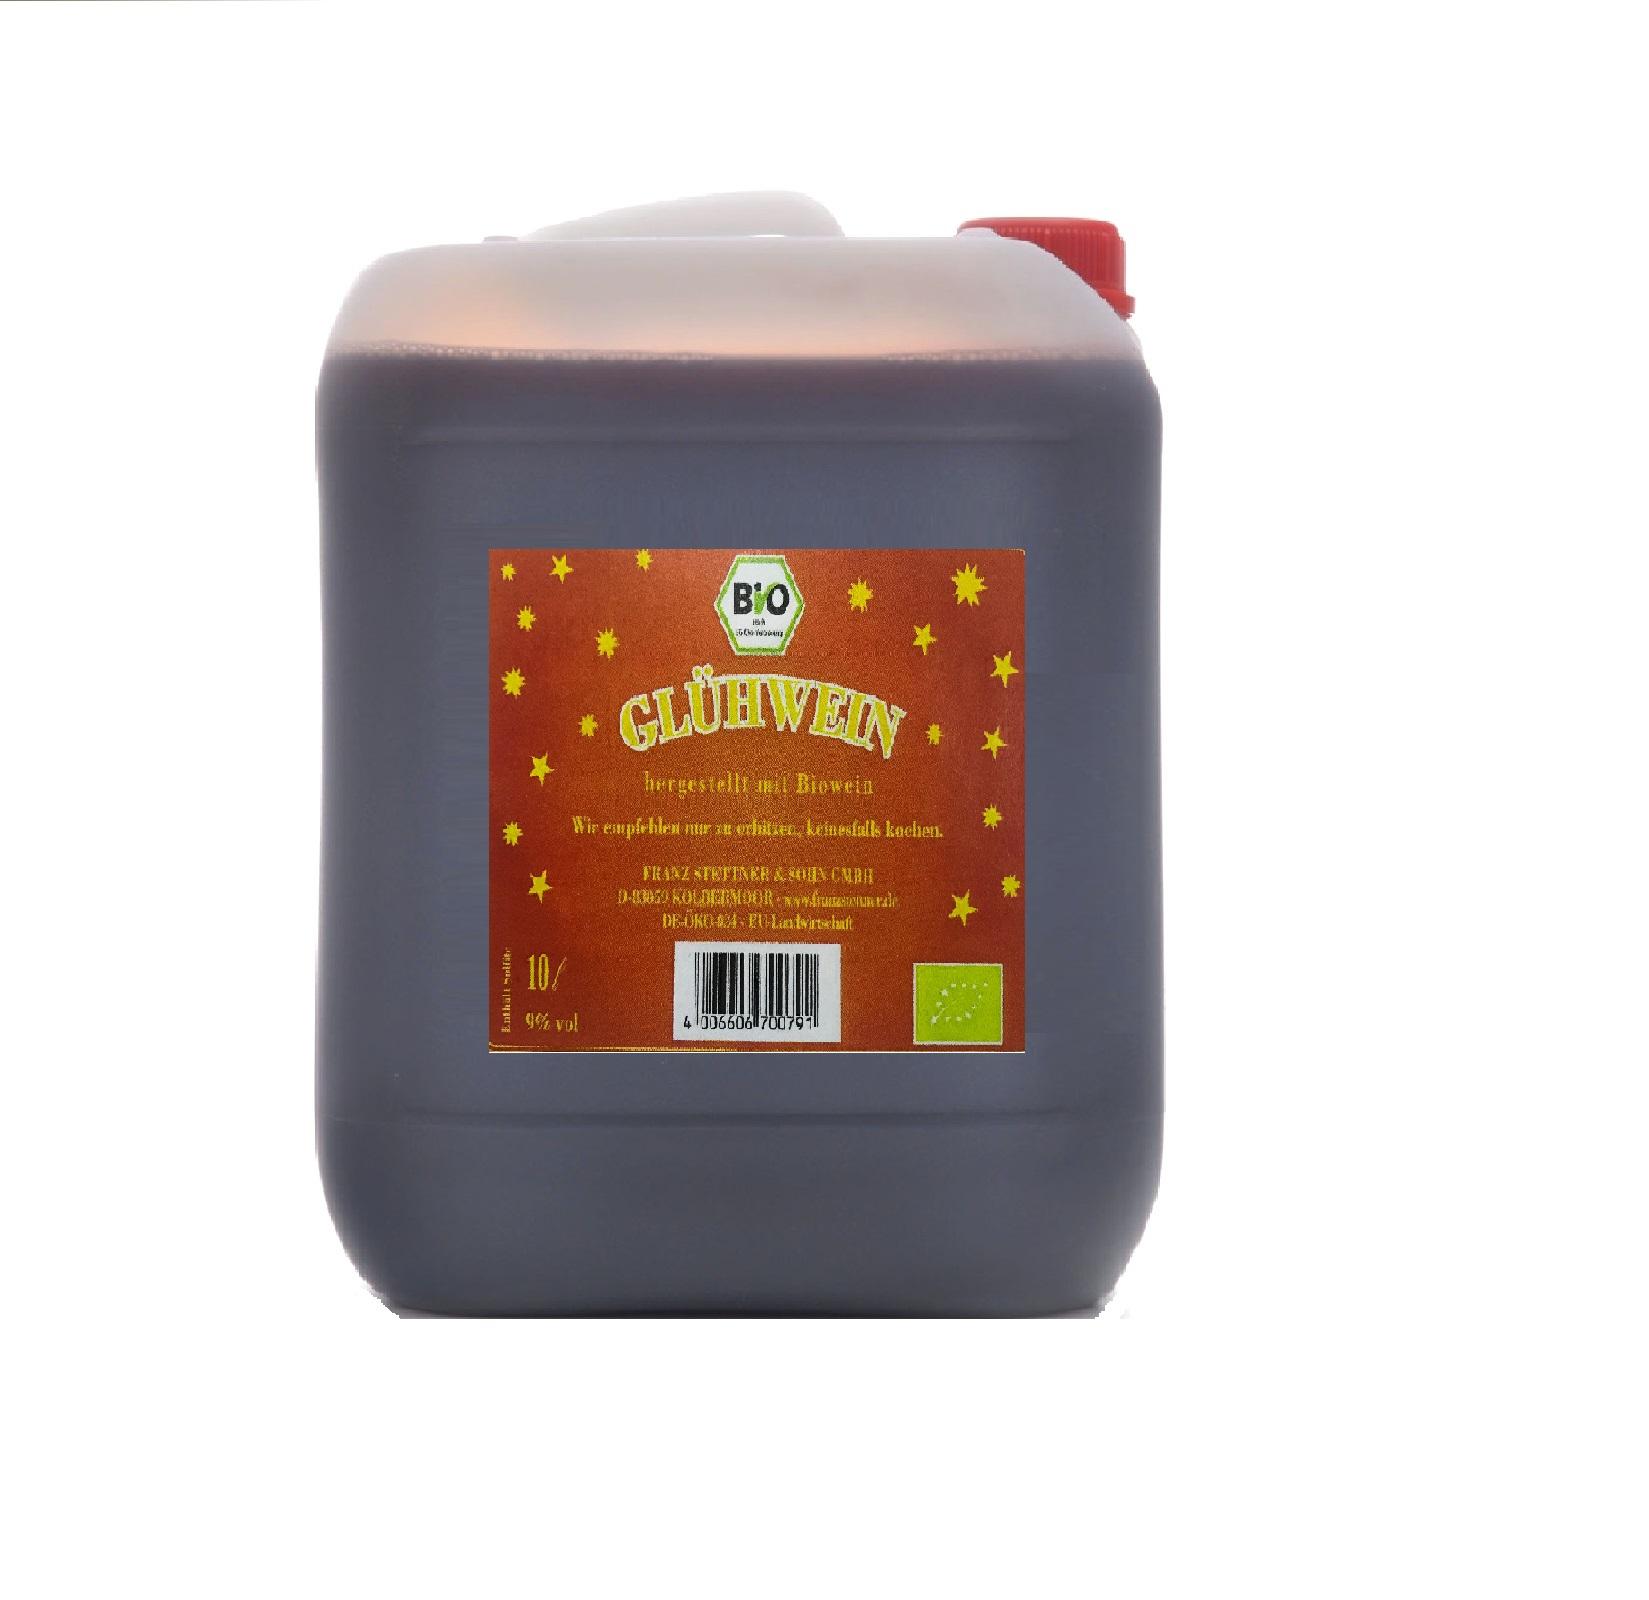 10 Liter Glühwein